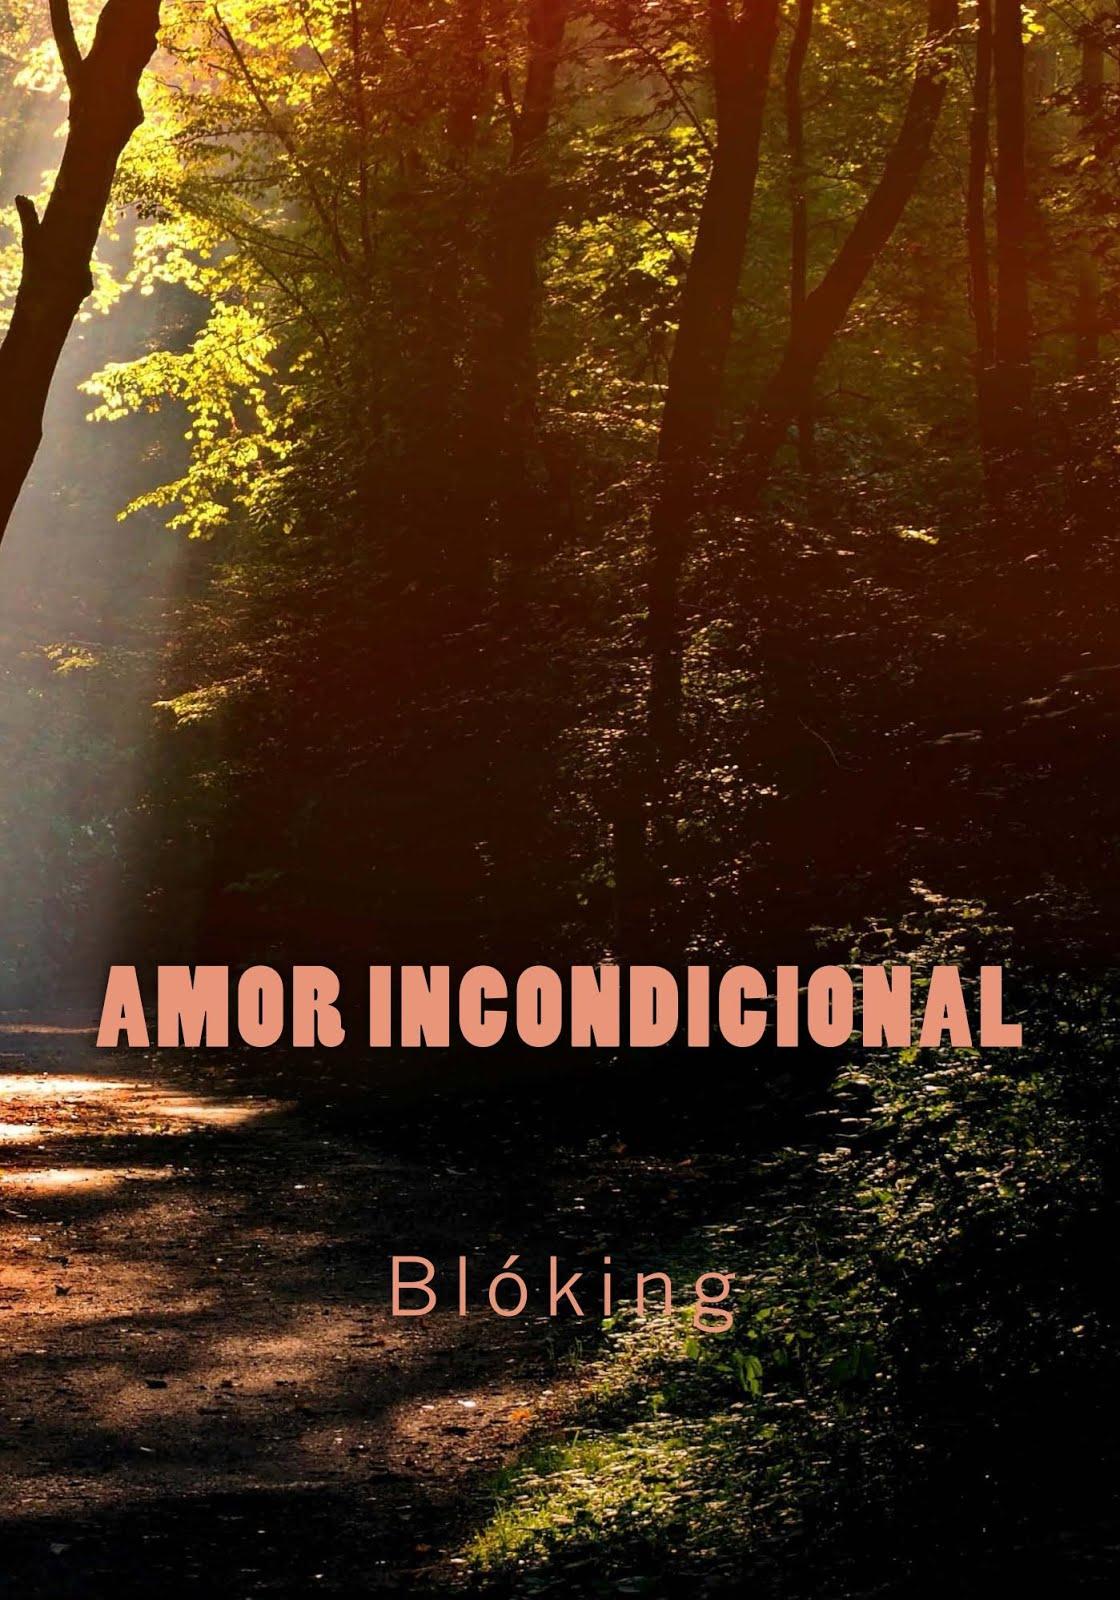 #Obra 39 - Amor incondicional